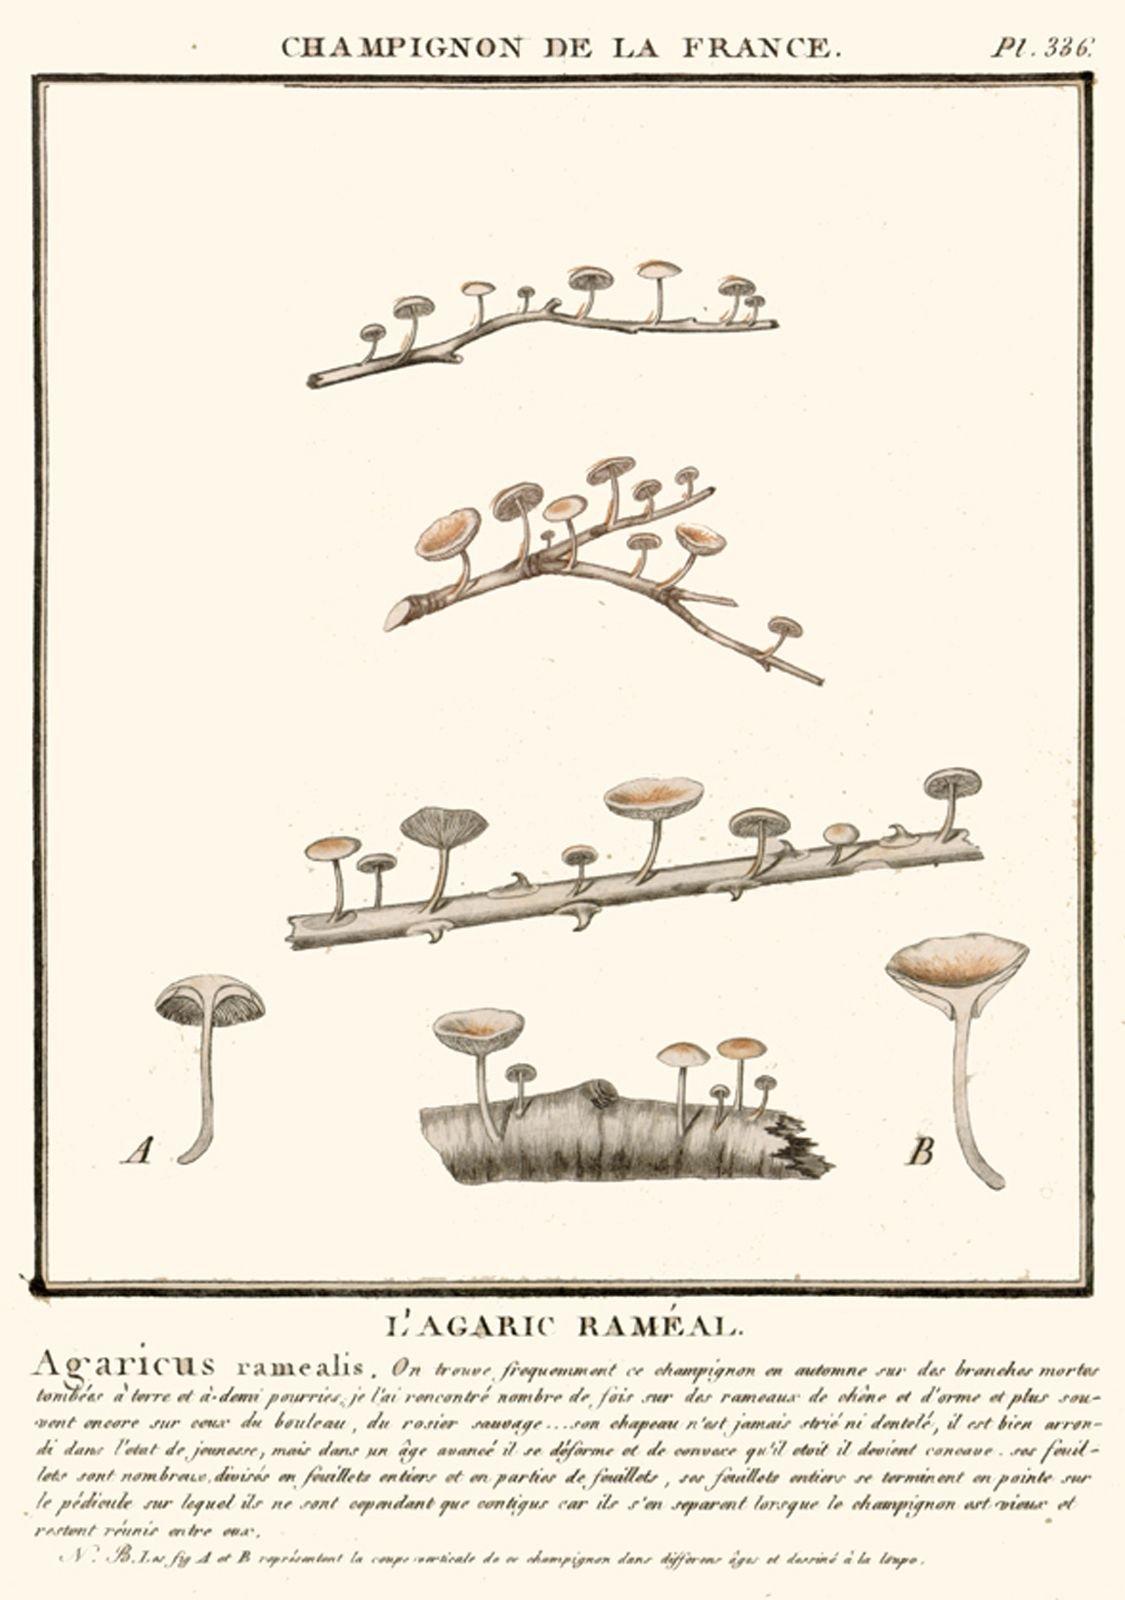 Marasmiellus ramealis